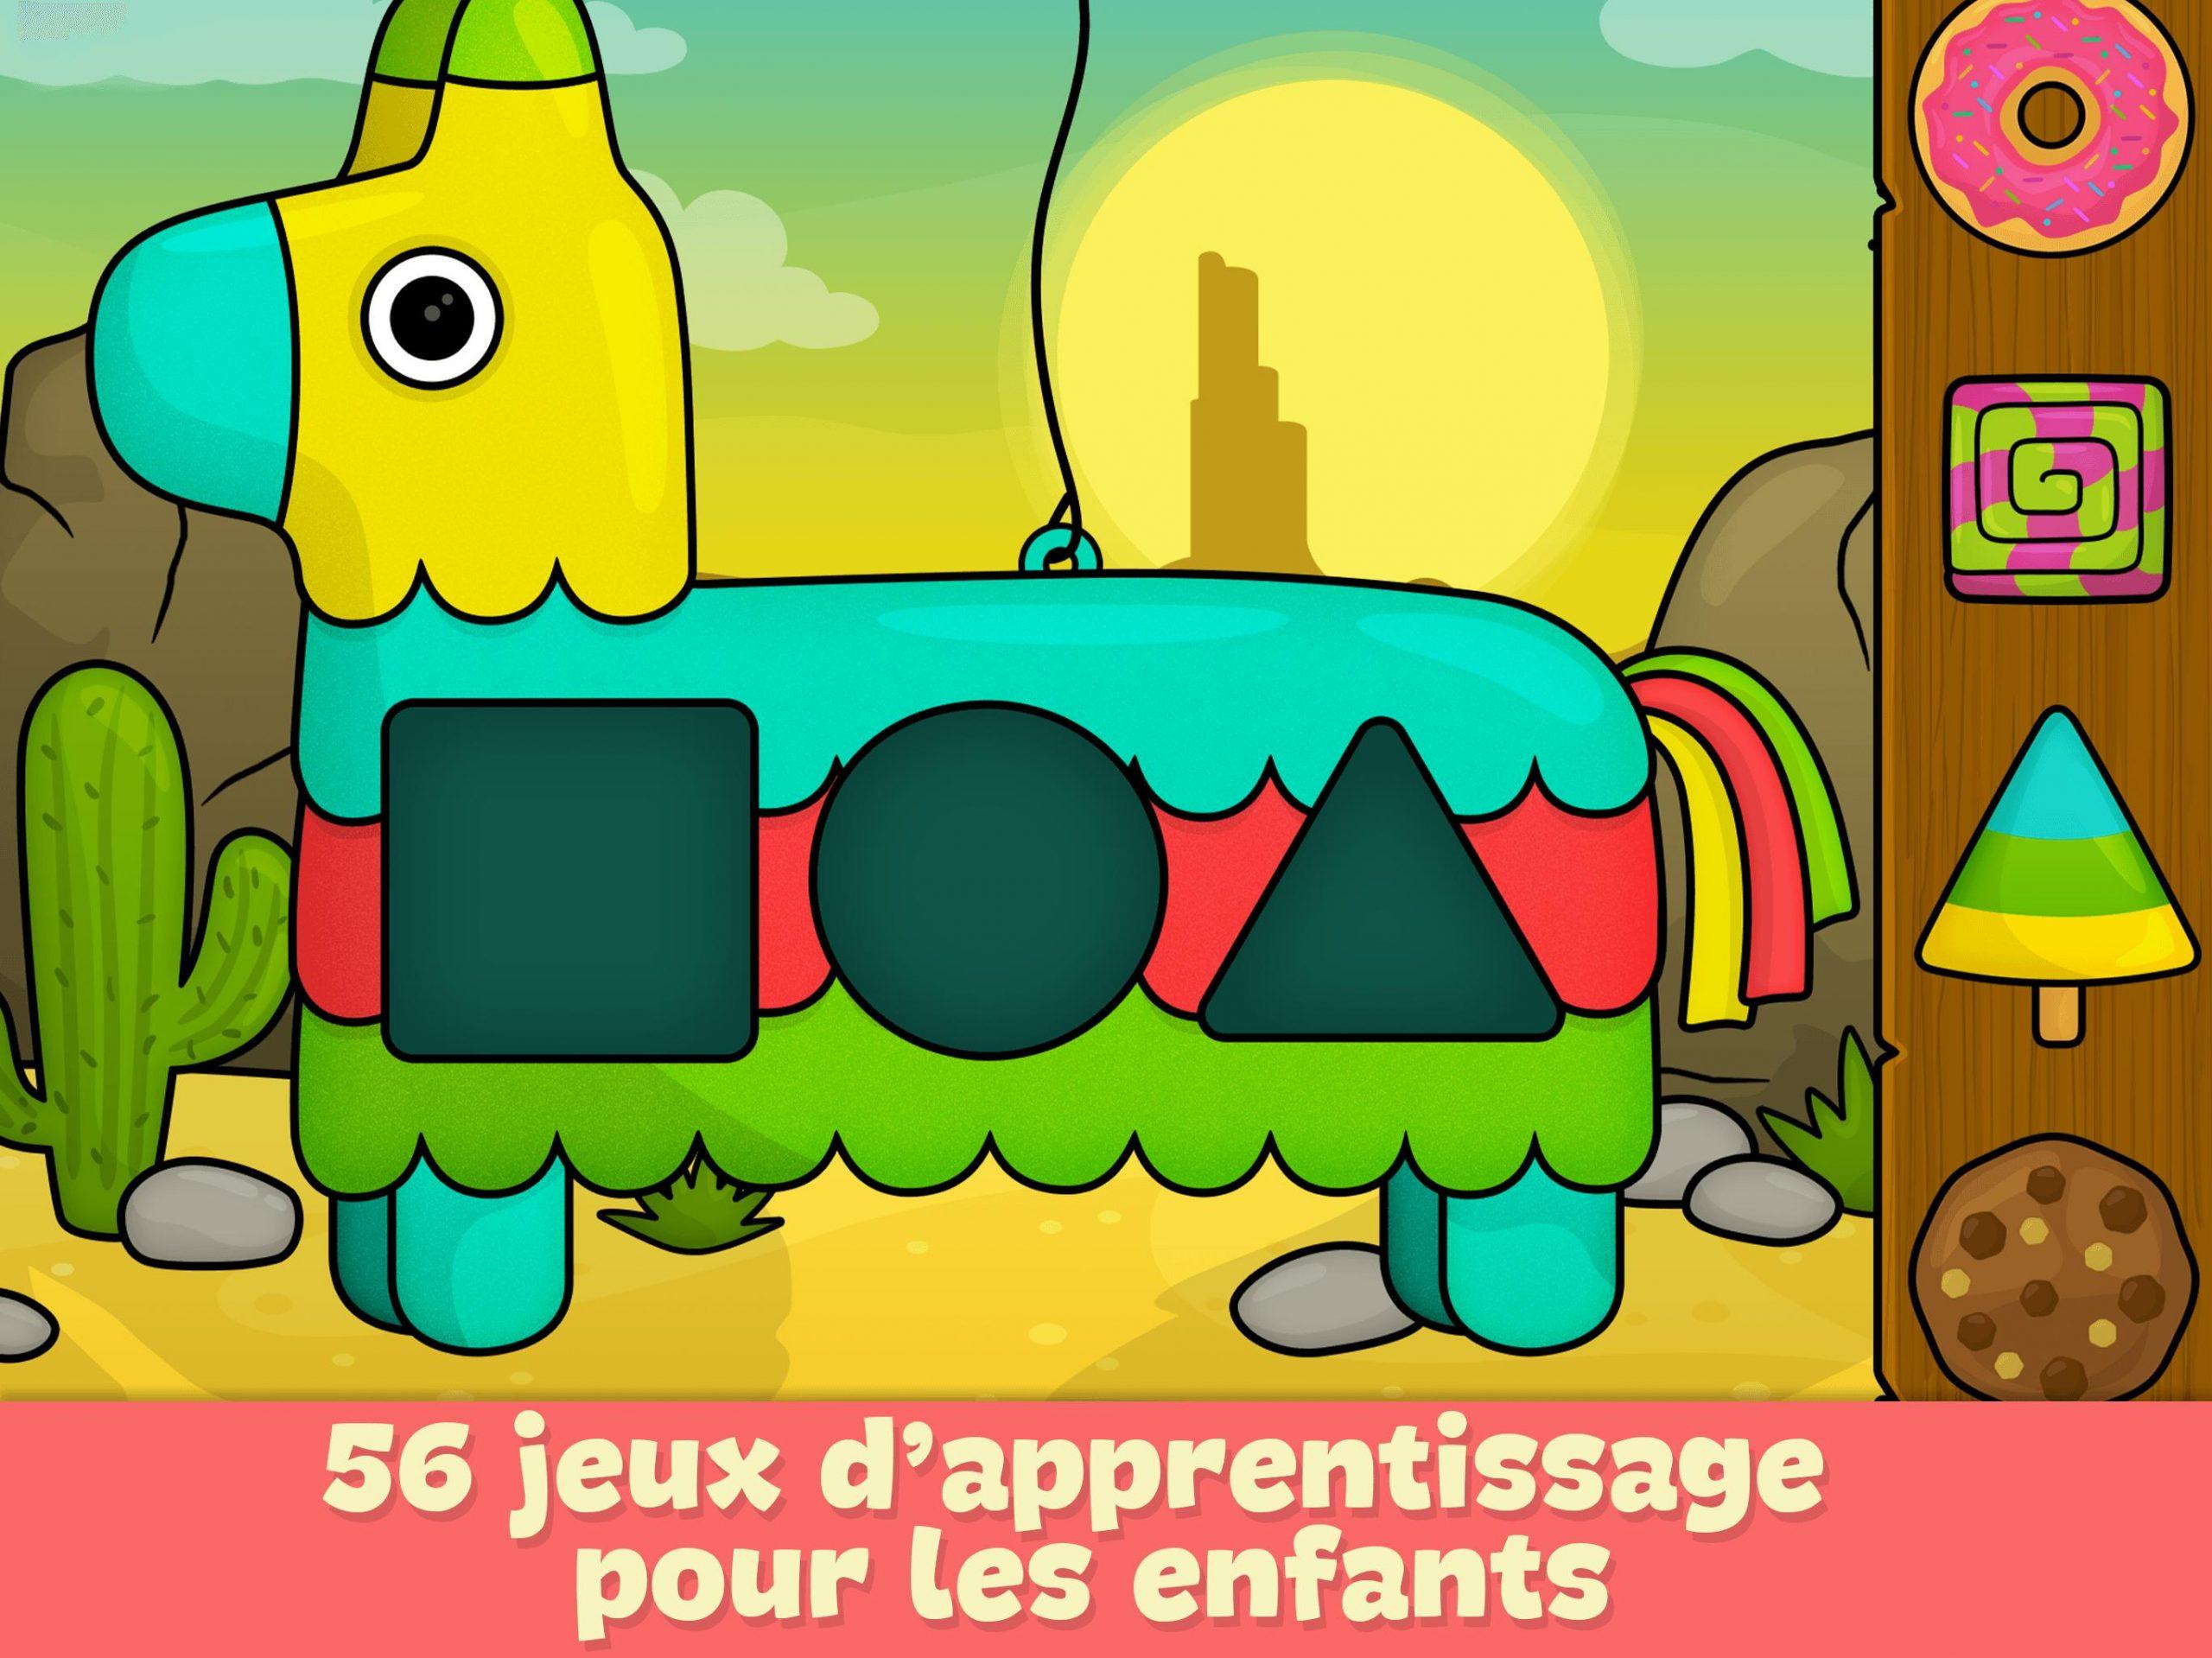 Jeux Pour Enfants 2 - 5 Ans Pour Android - Téléchargez L'apk pour Jeux Gratuit Facile Pour Garcon